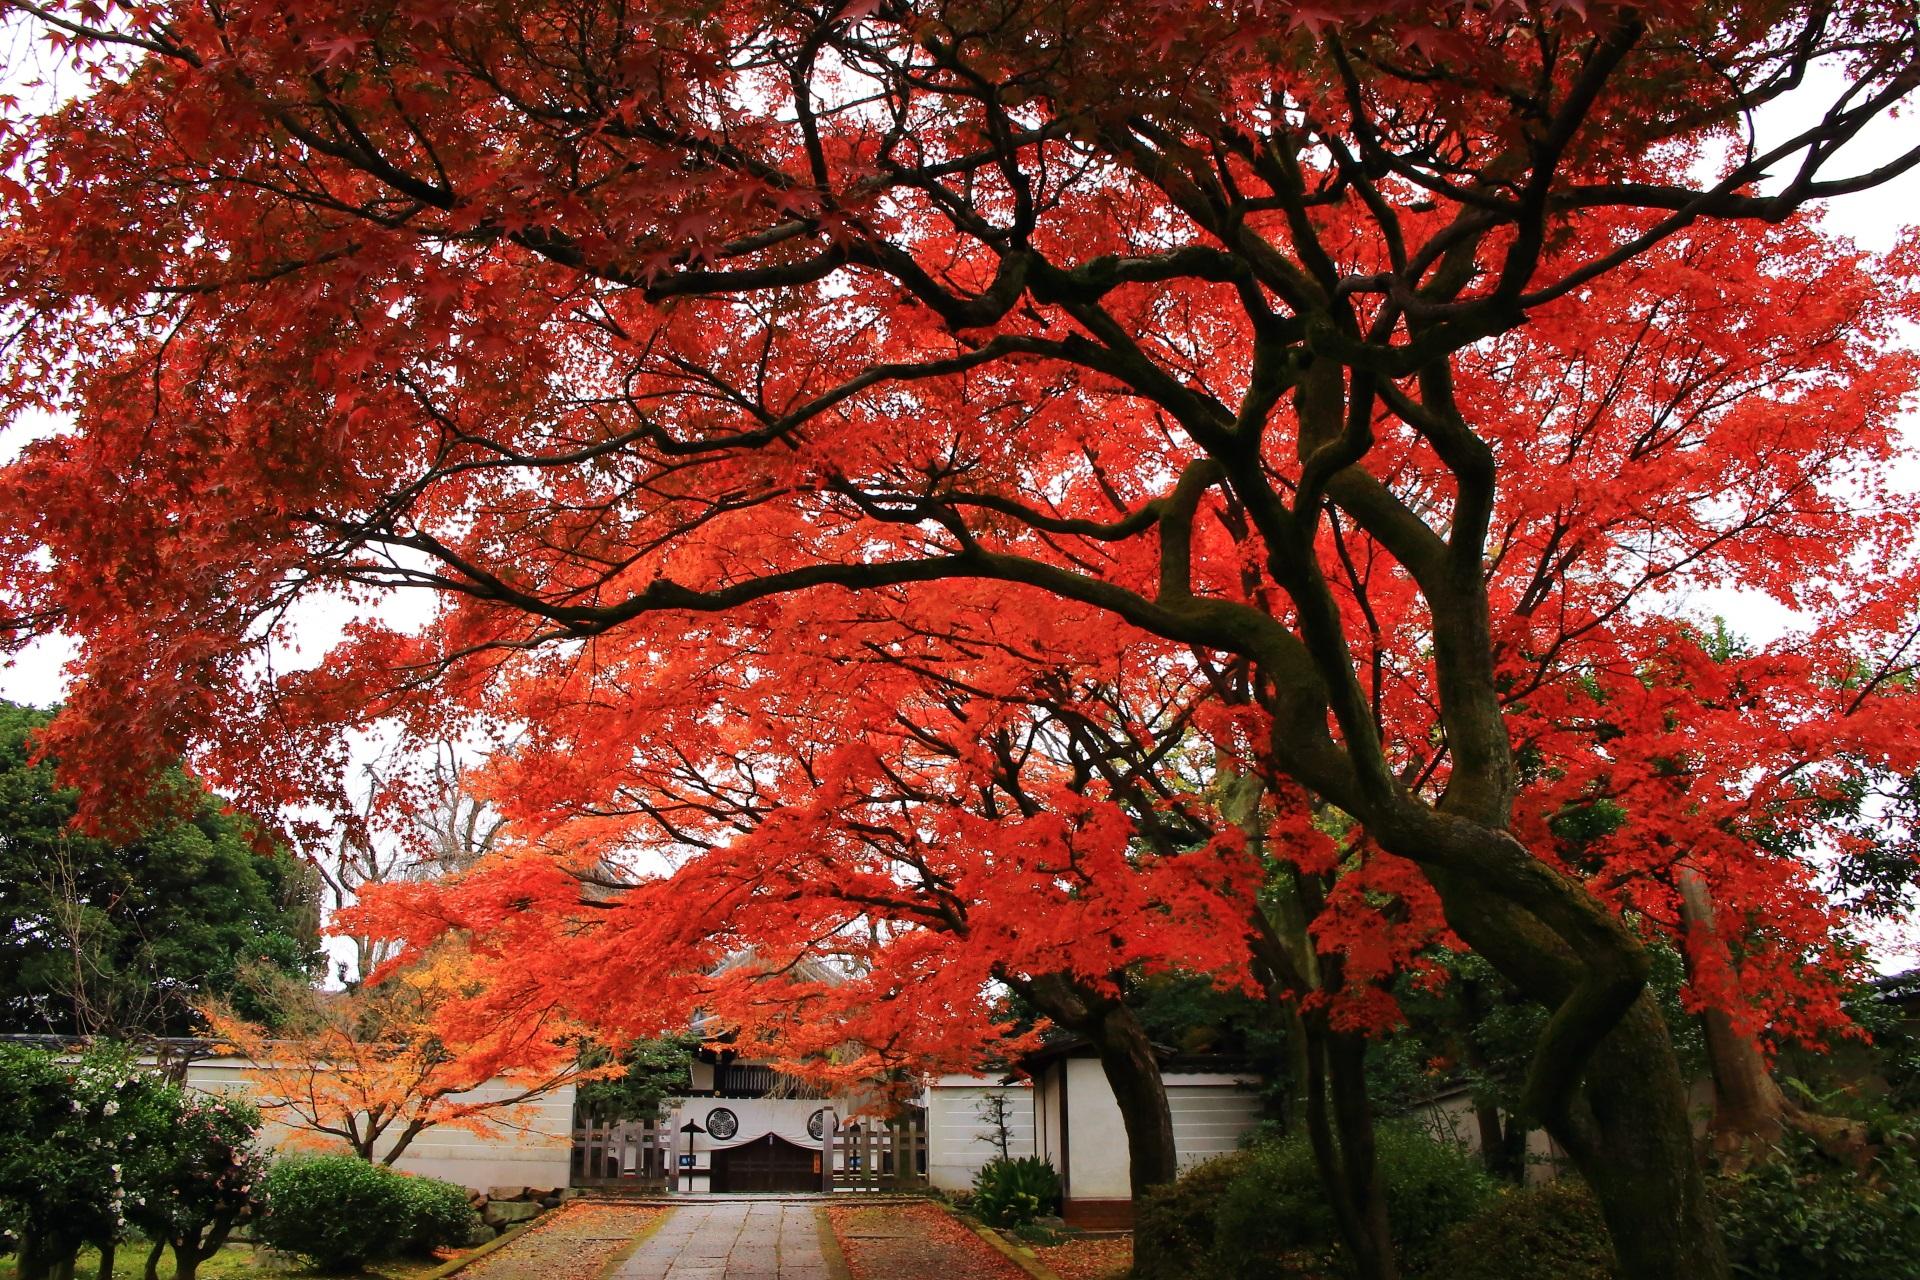 秋色の空間につつまれる養源院の玄関前